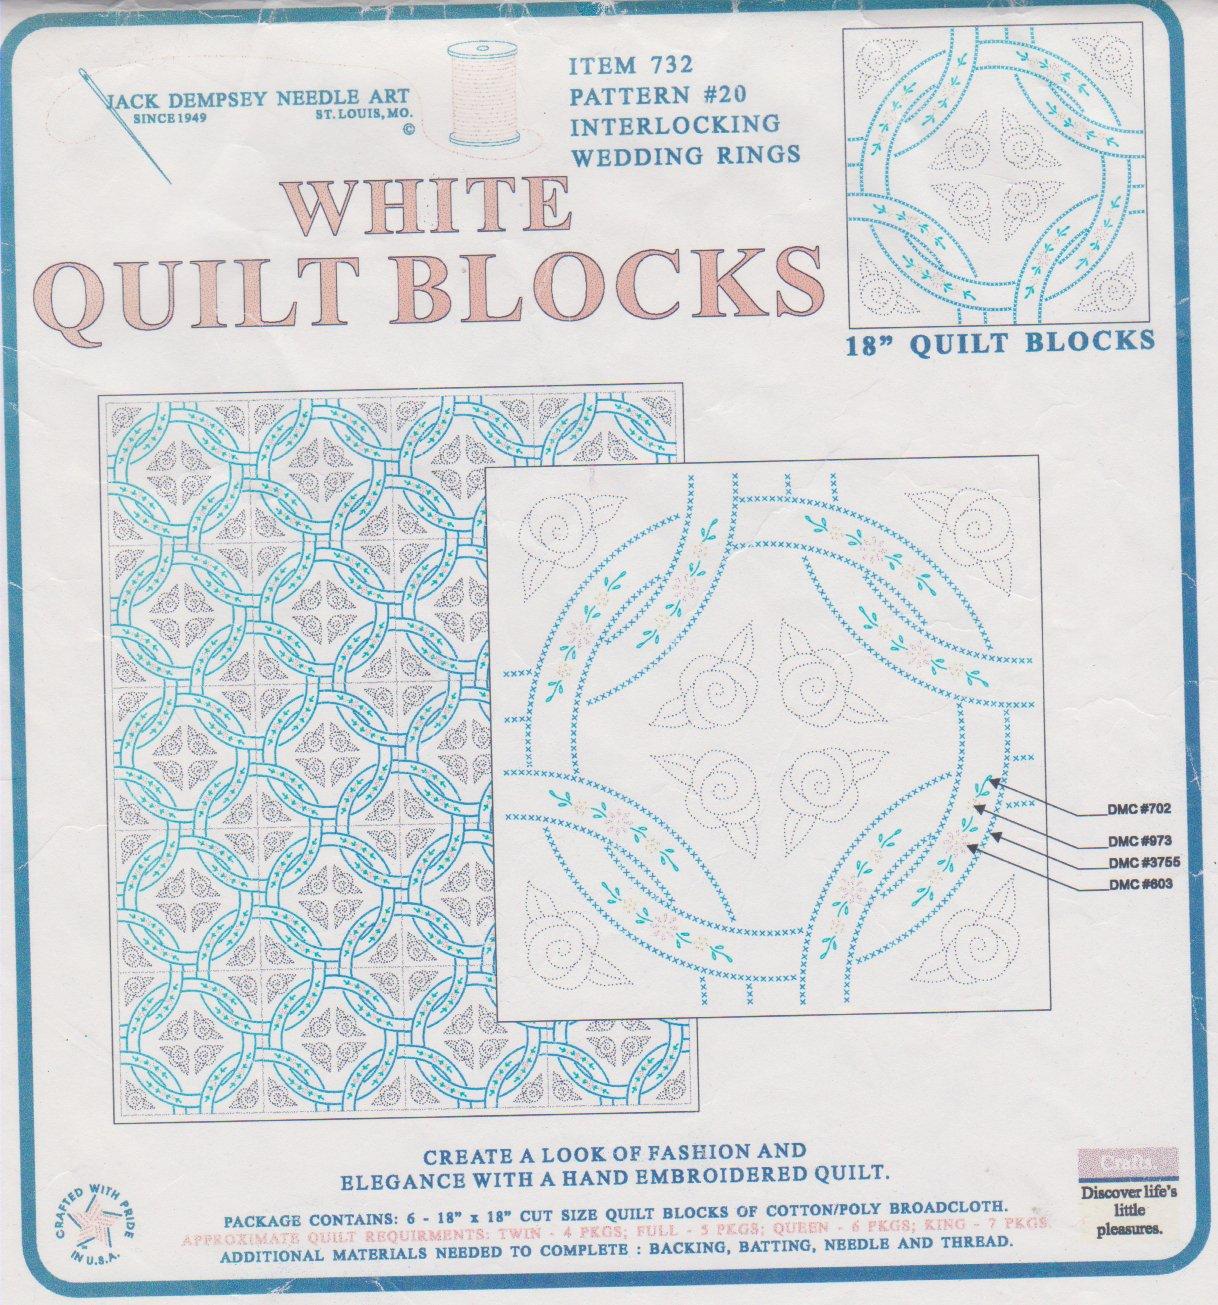 White quilt blocks, wedding rings